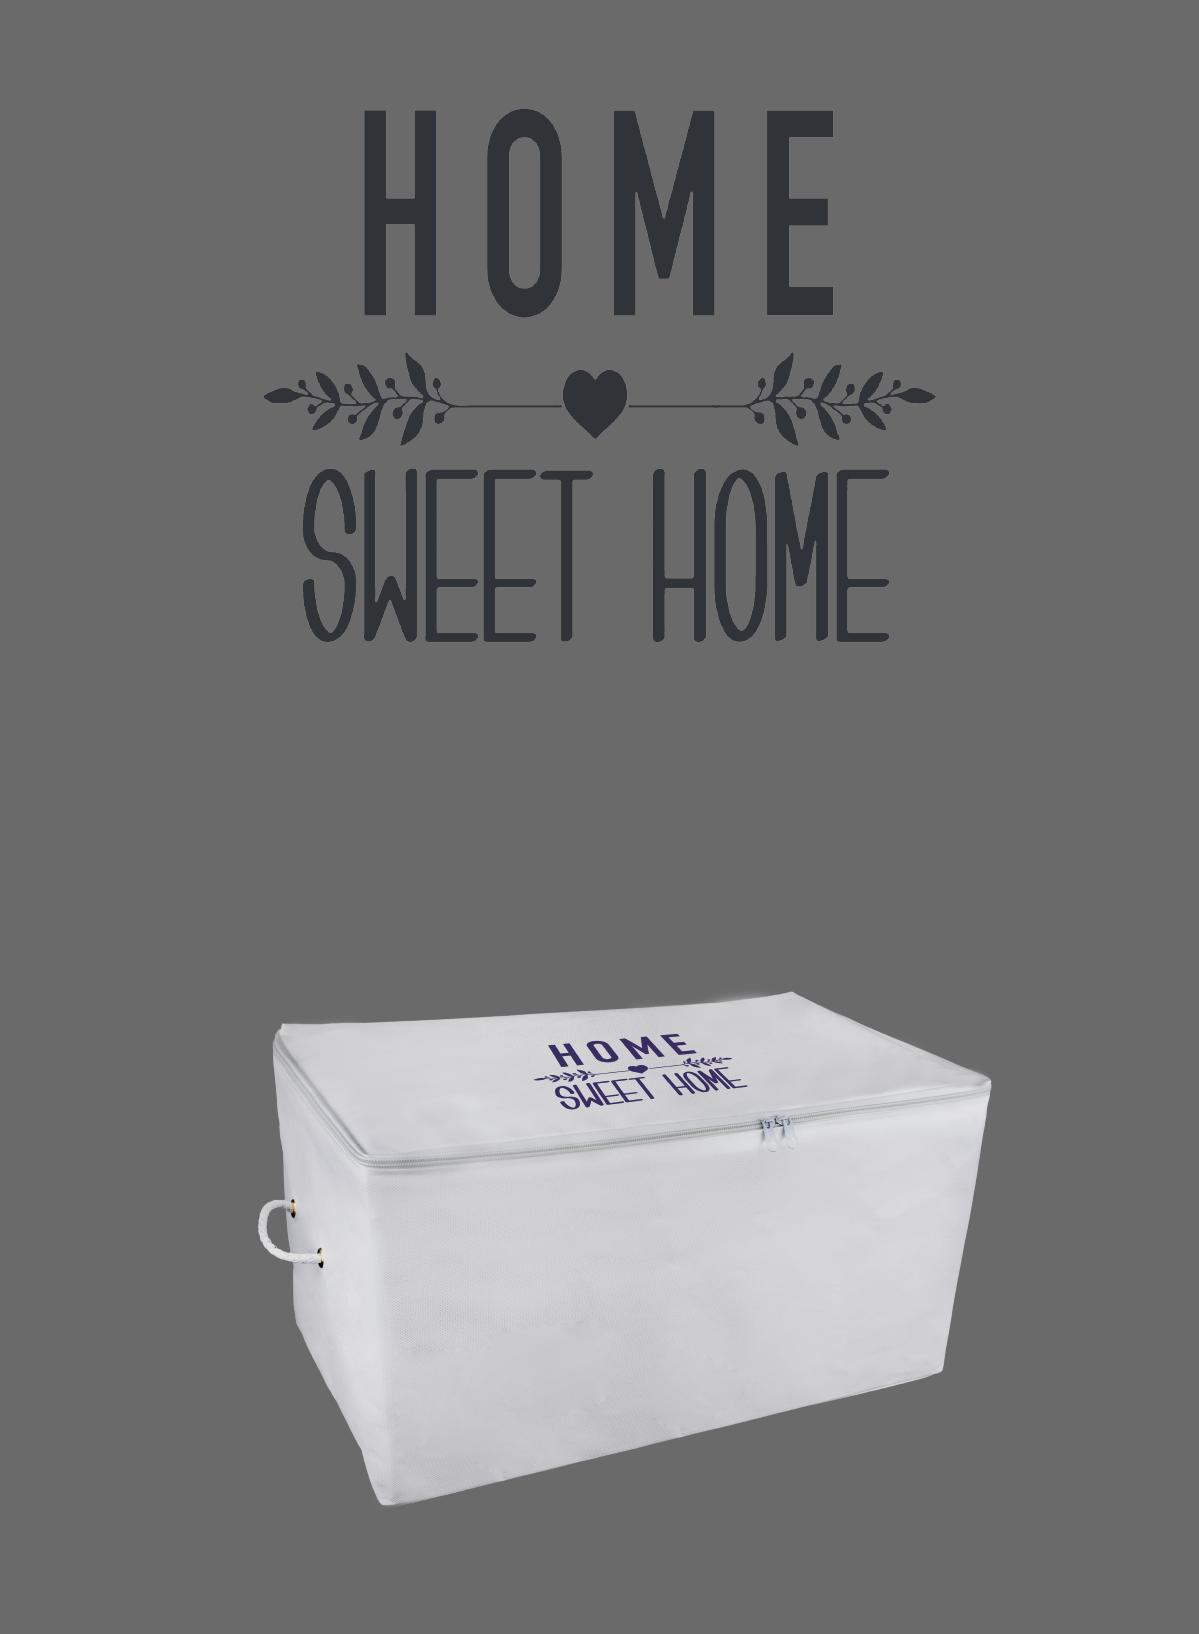 ROPE HOME Orta Boy Home Sweet Home Lila Renk Baskılı Hurç 52x28x31 72-01 Beyaz 72-01